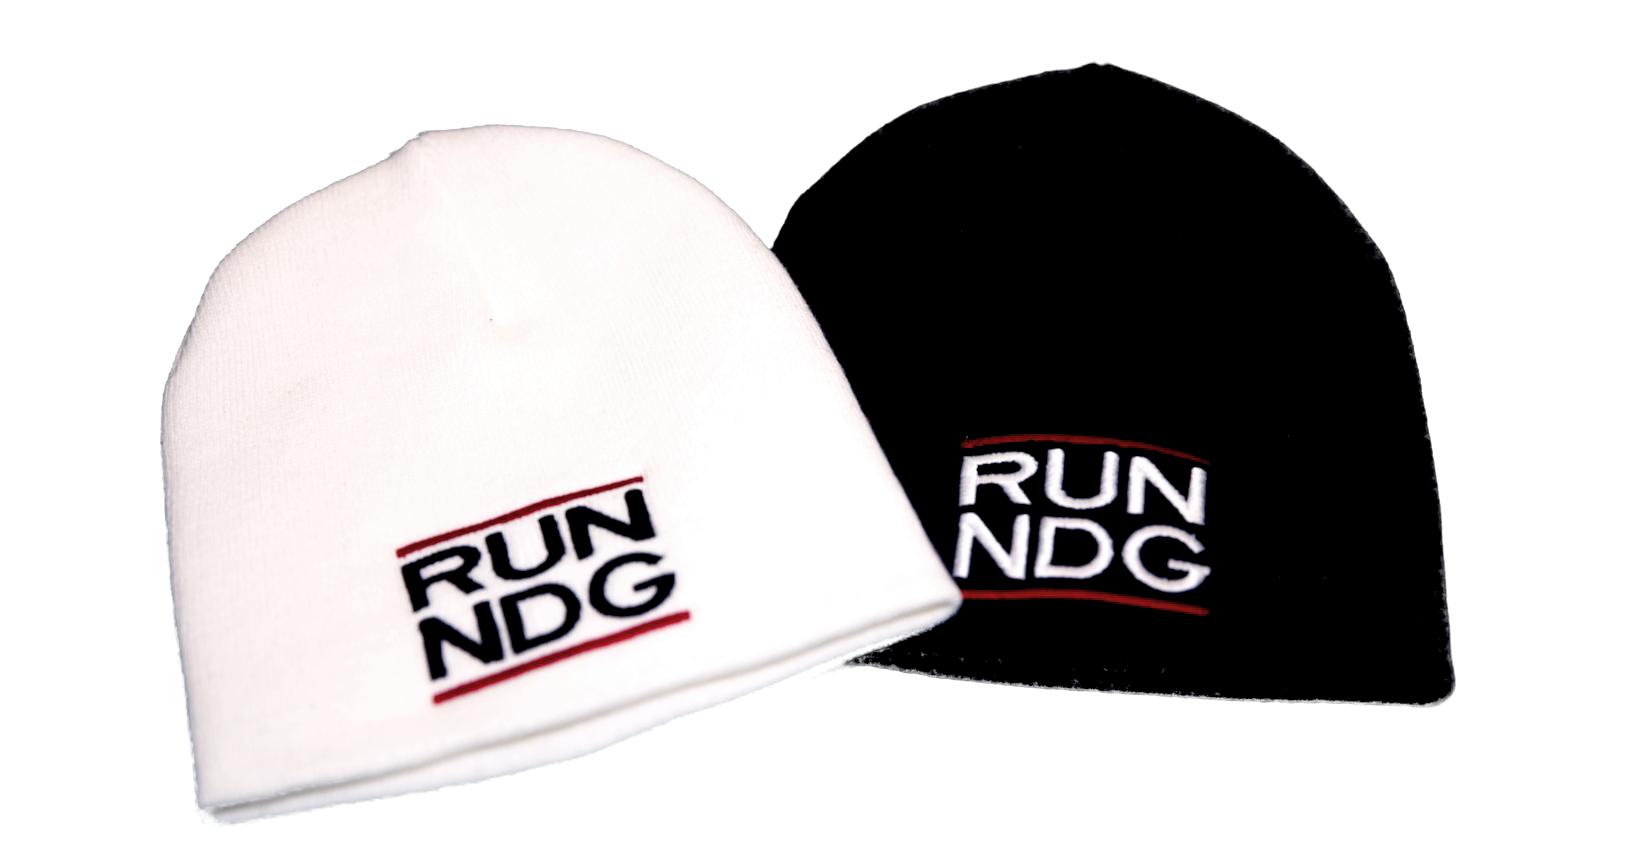 RunNDG22.png